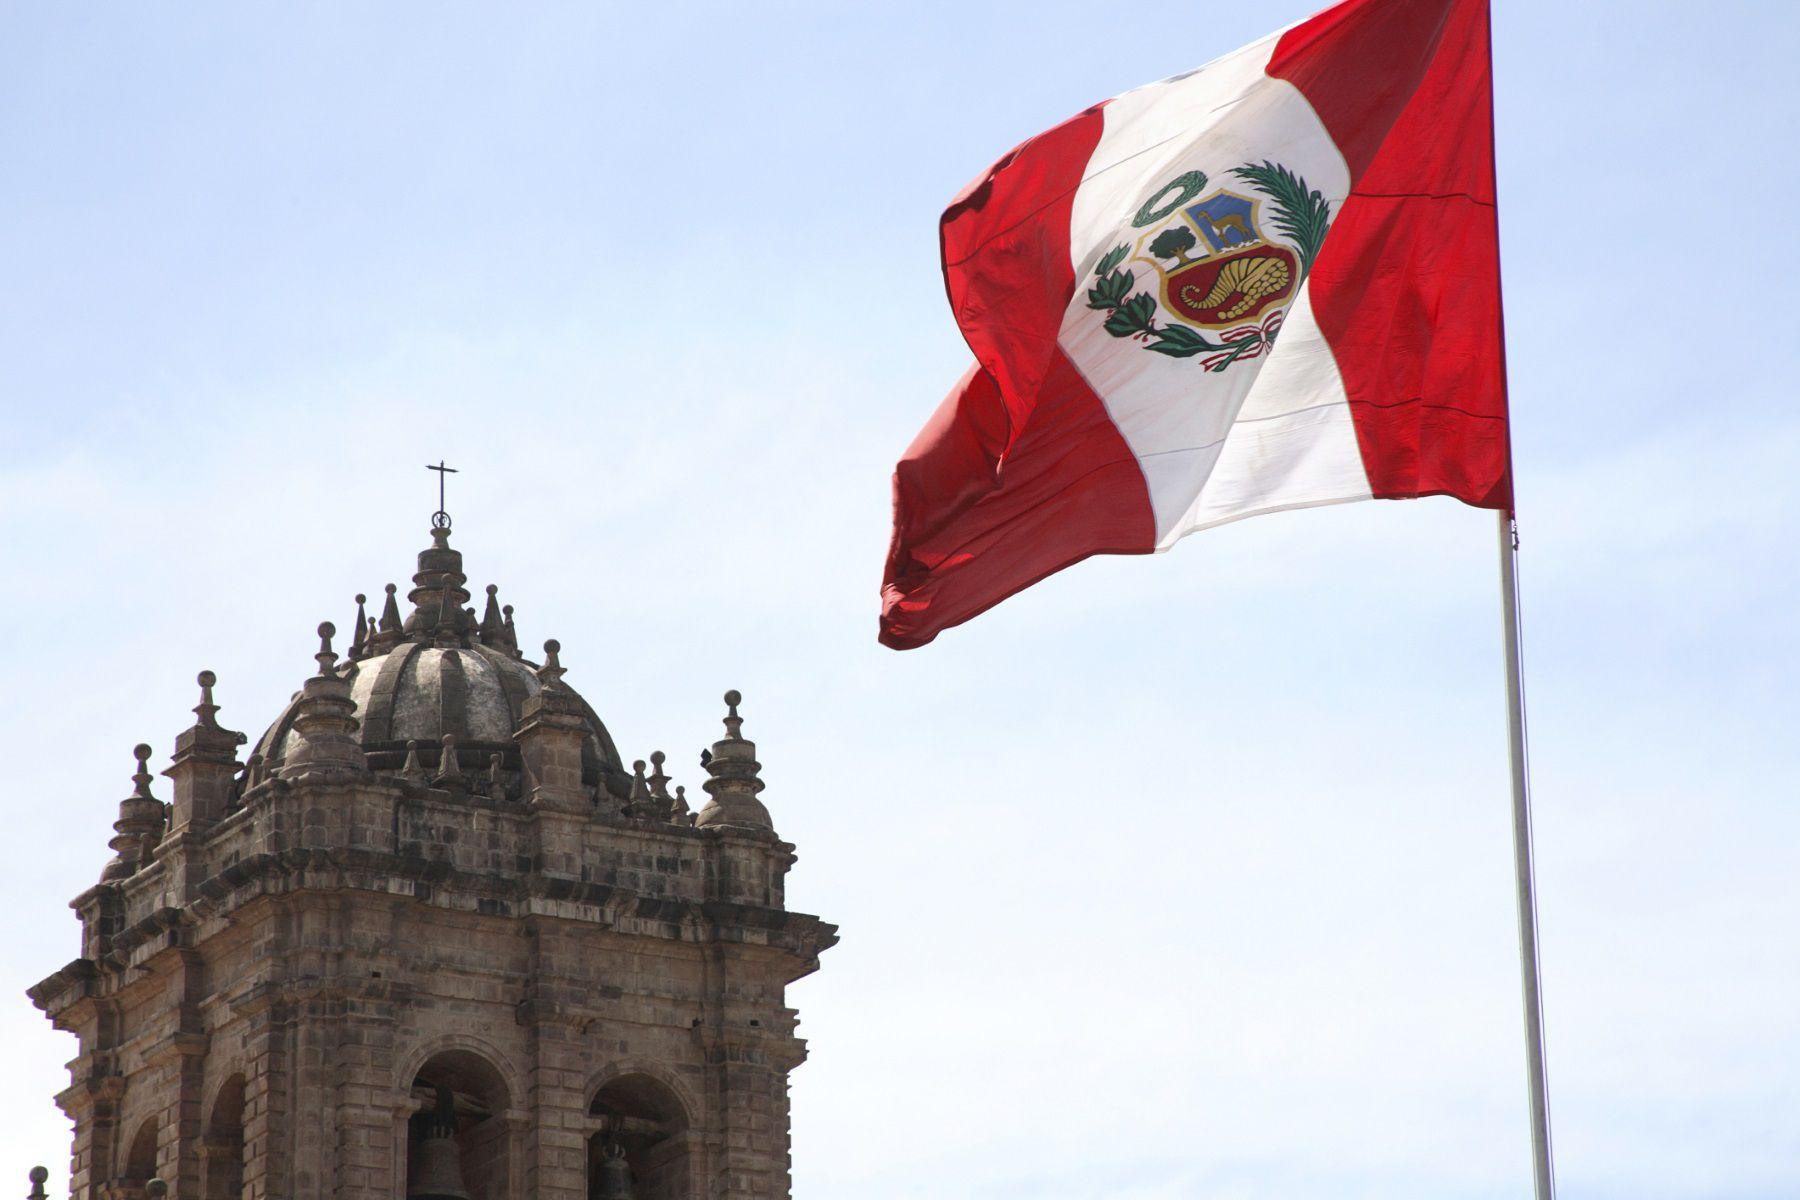 Bolivia, Peru to accelerate port, rail projects